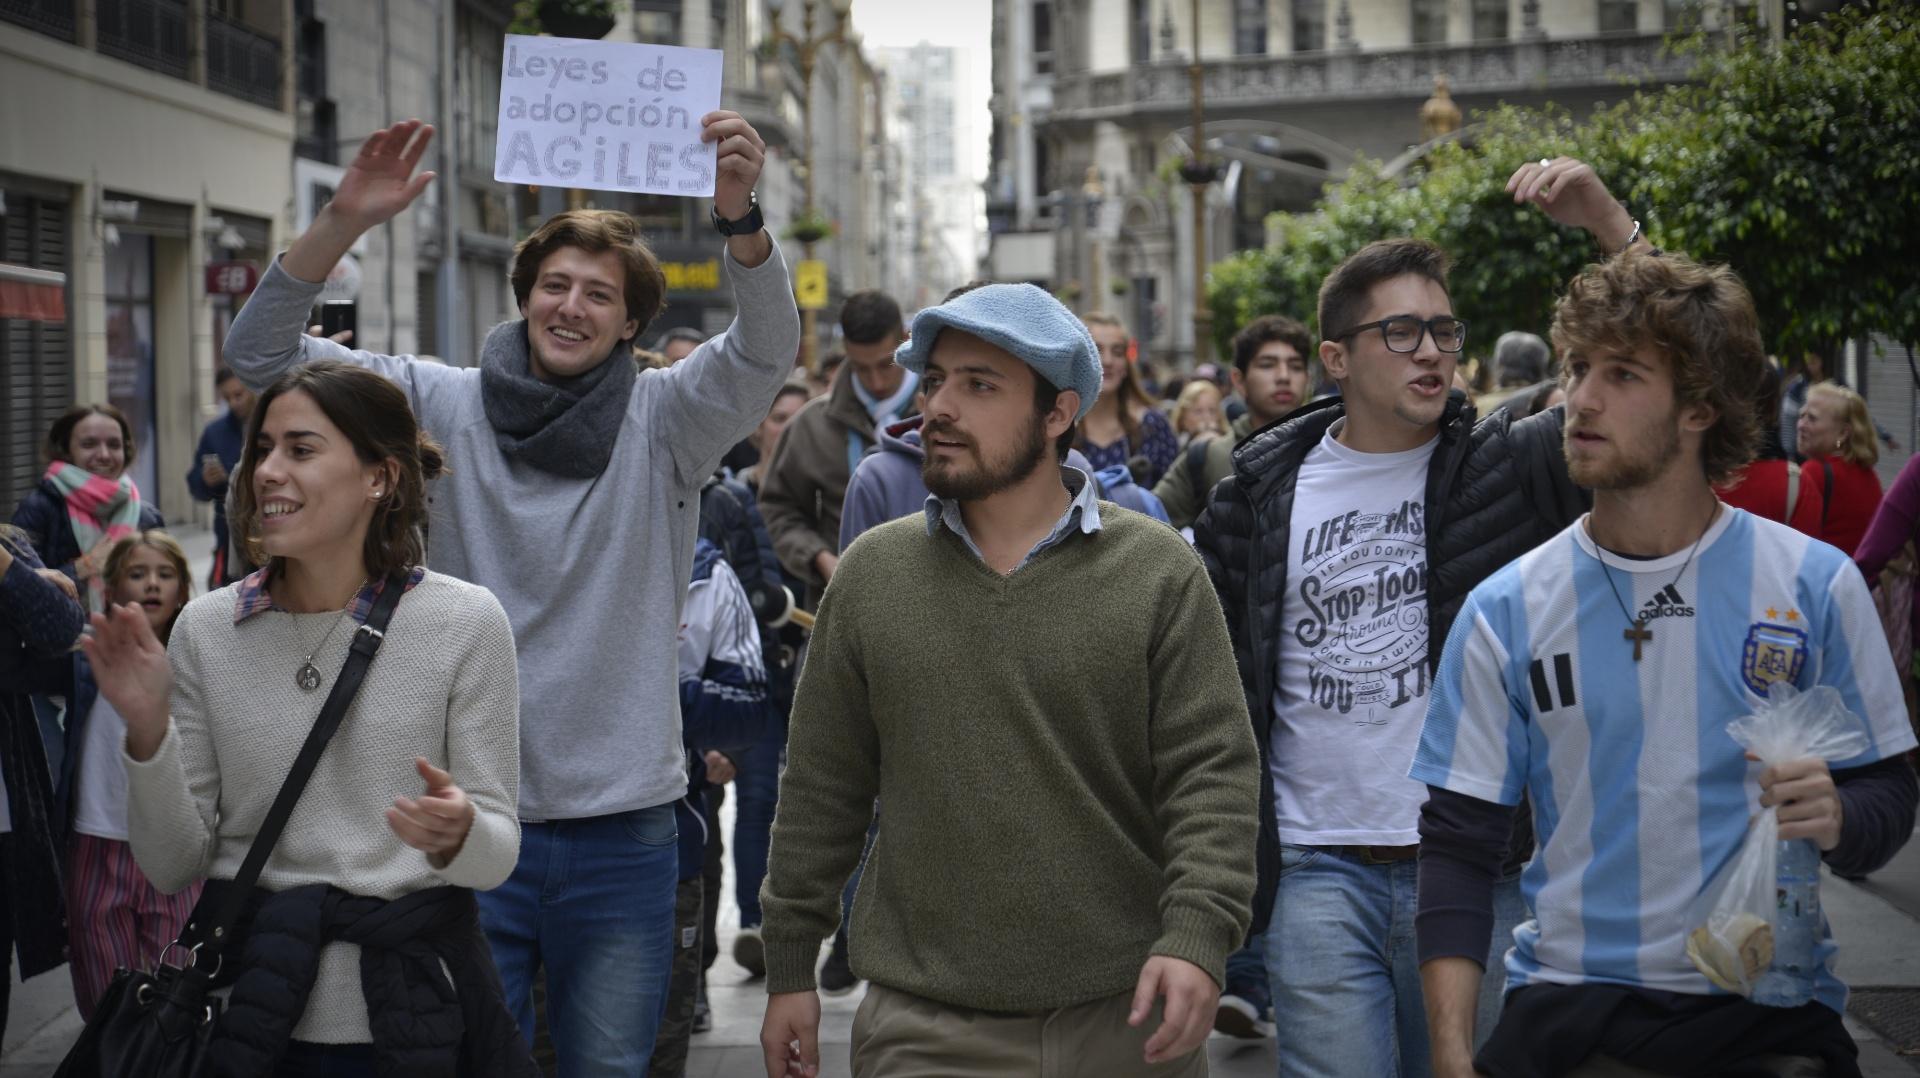 Mucha gente viajó desde distintas zonas del Gran Buenos Aires a participar de la convocatoria en el Congreso